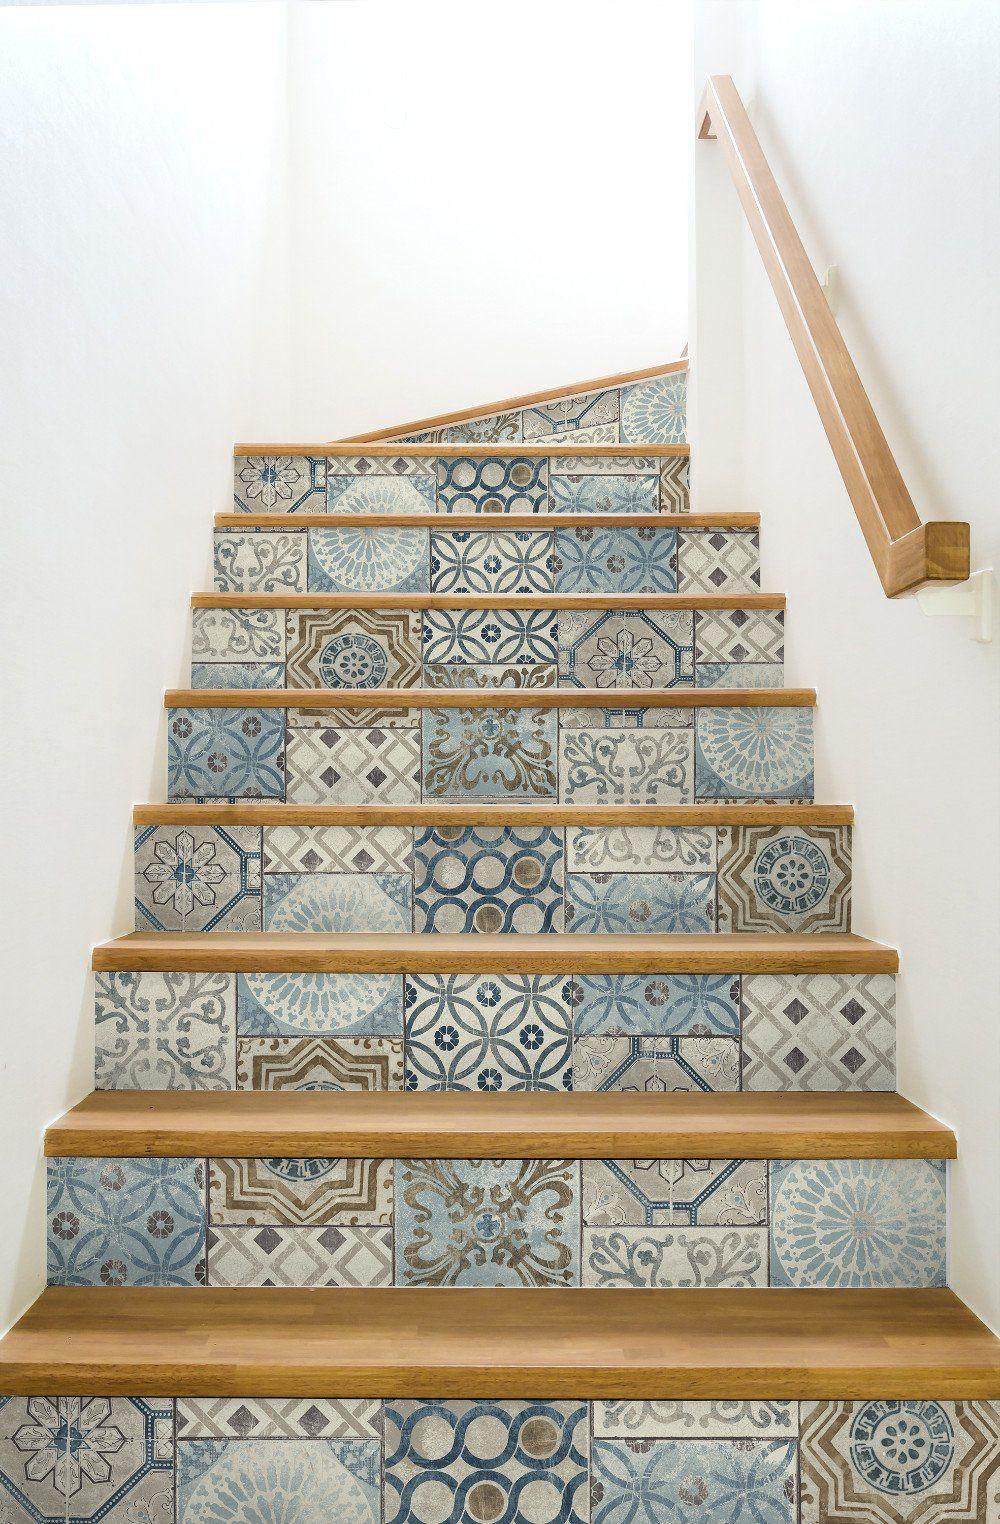 Moroccan Tile PeelandStick Wallpaper in Neutrals and